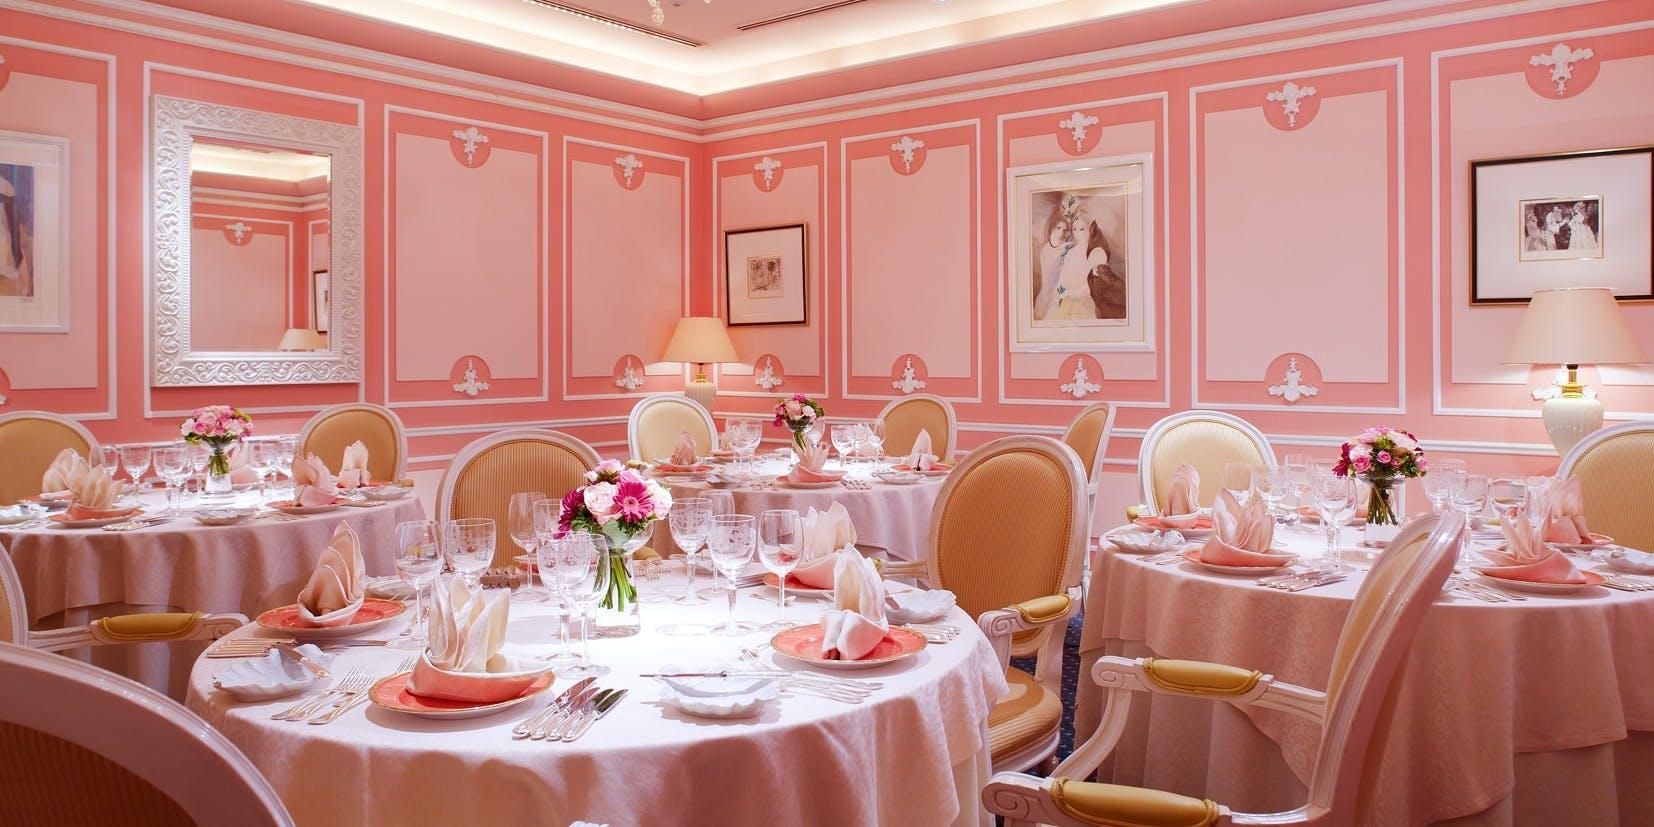 記念日におすすめのレストラン・クイーン・アリス/横浜ベイホテル東急の写真1